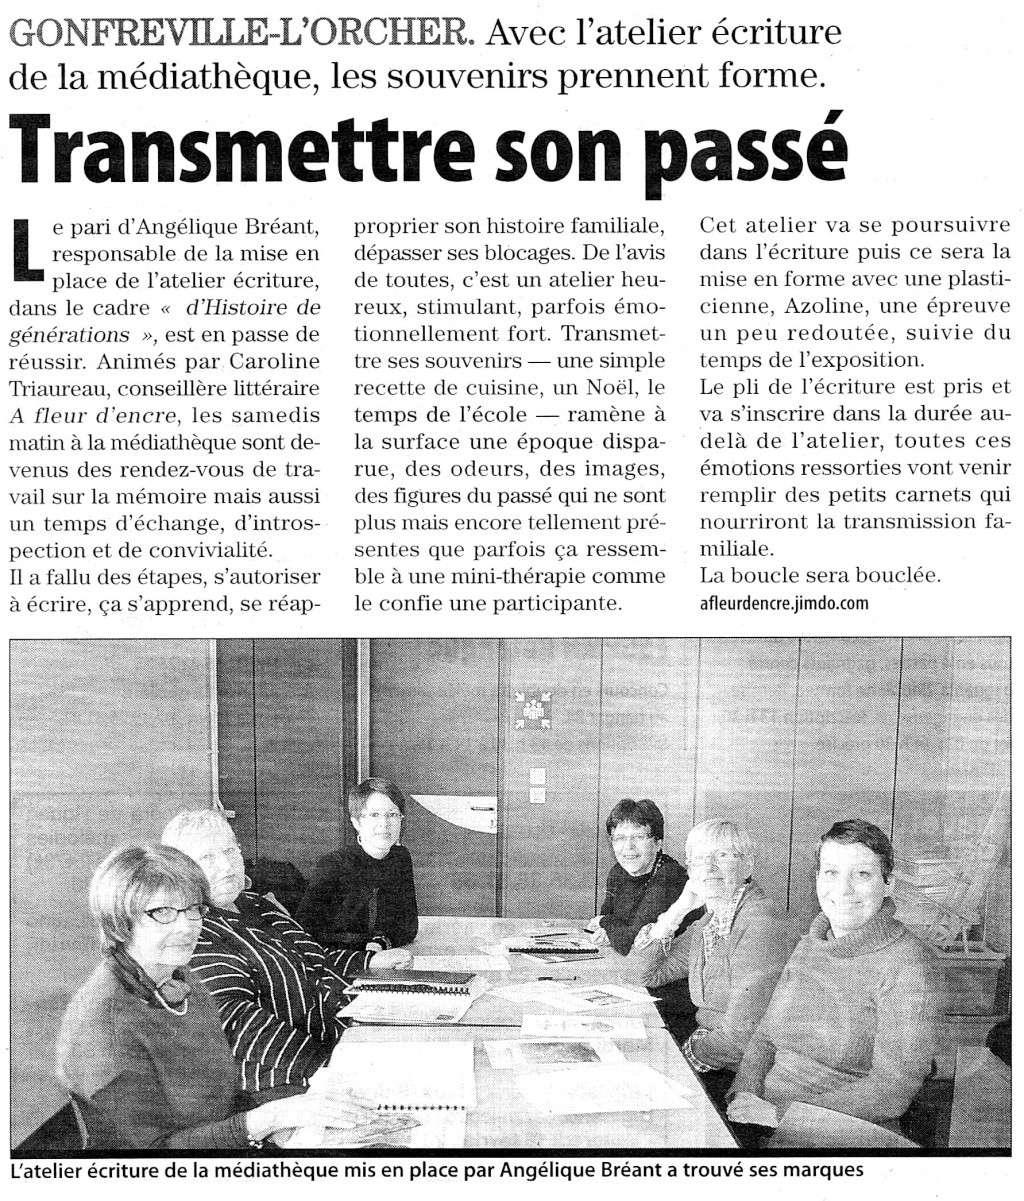 Gonfreville-l'Orcher - Transmettre son passé 2012-013